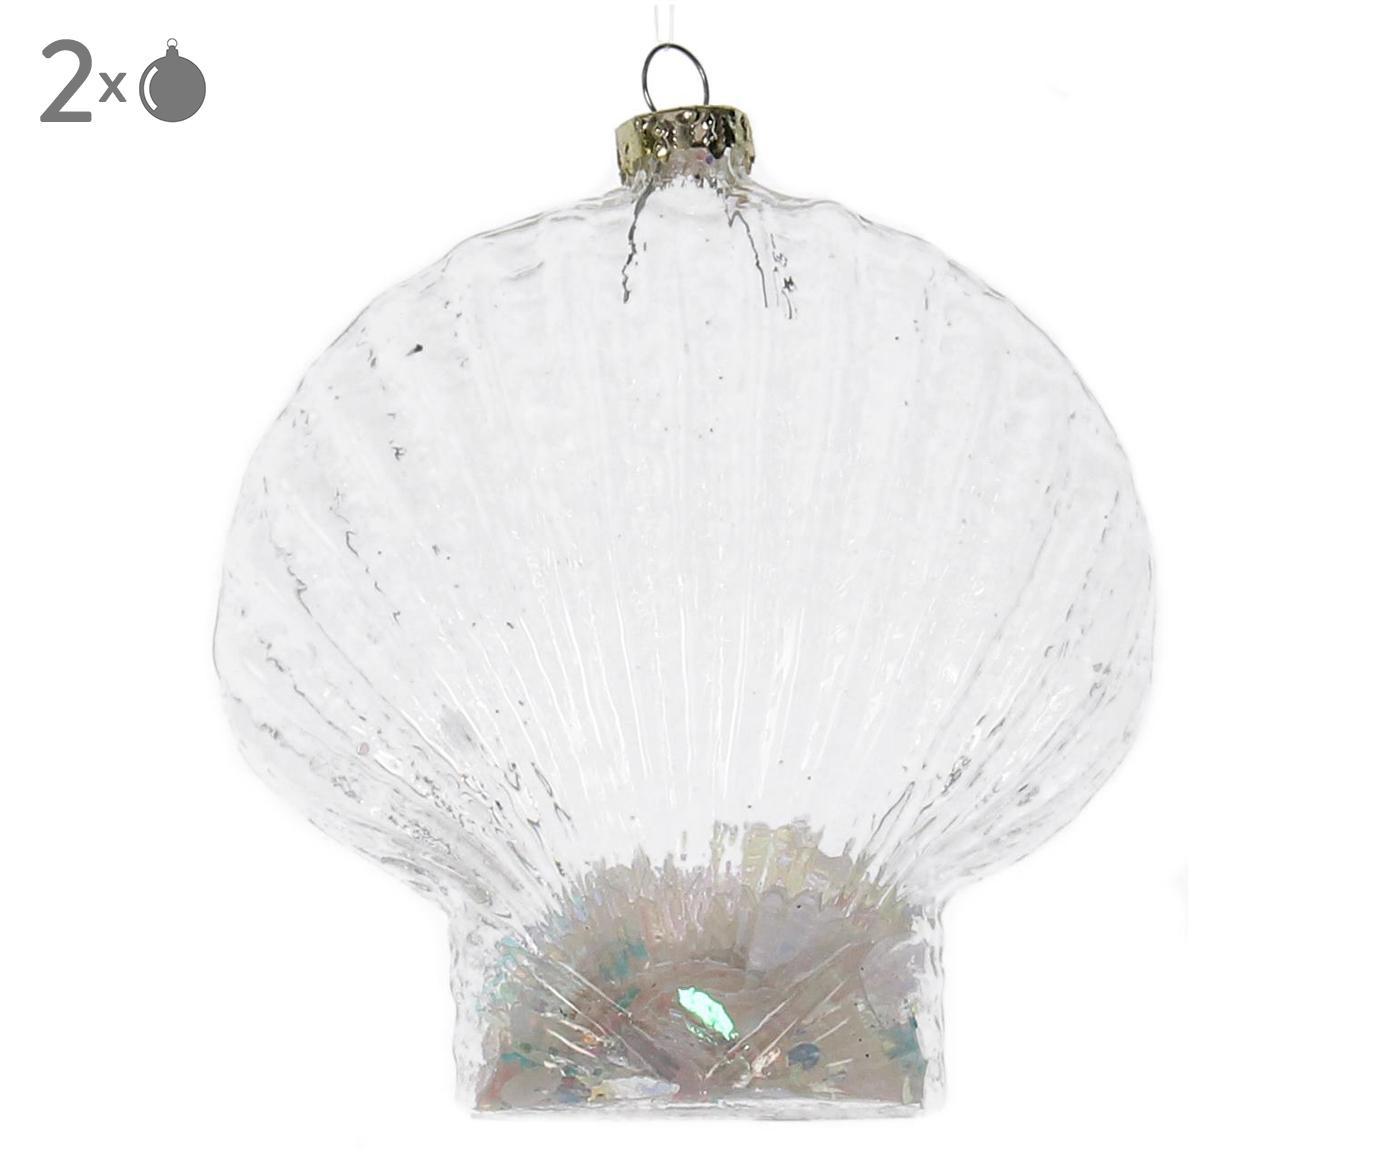 Baumanhänger Shell, 2 Stück, Transparent, 10 x 11 cm